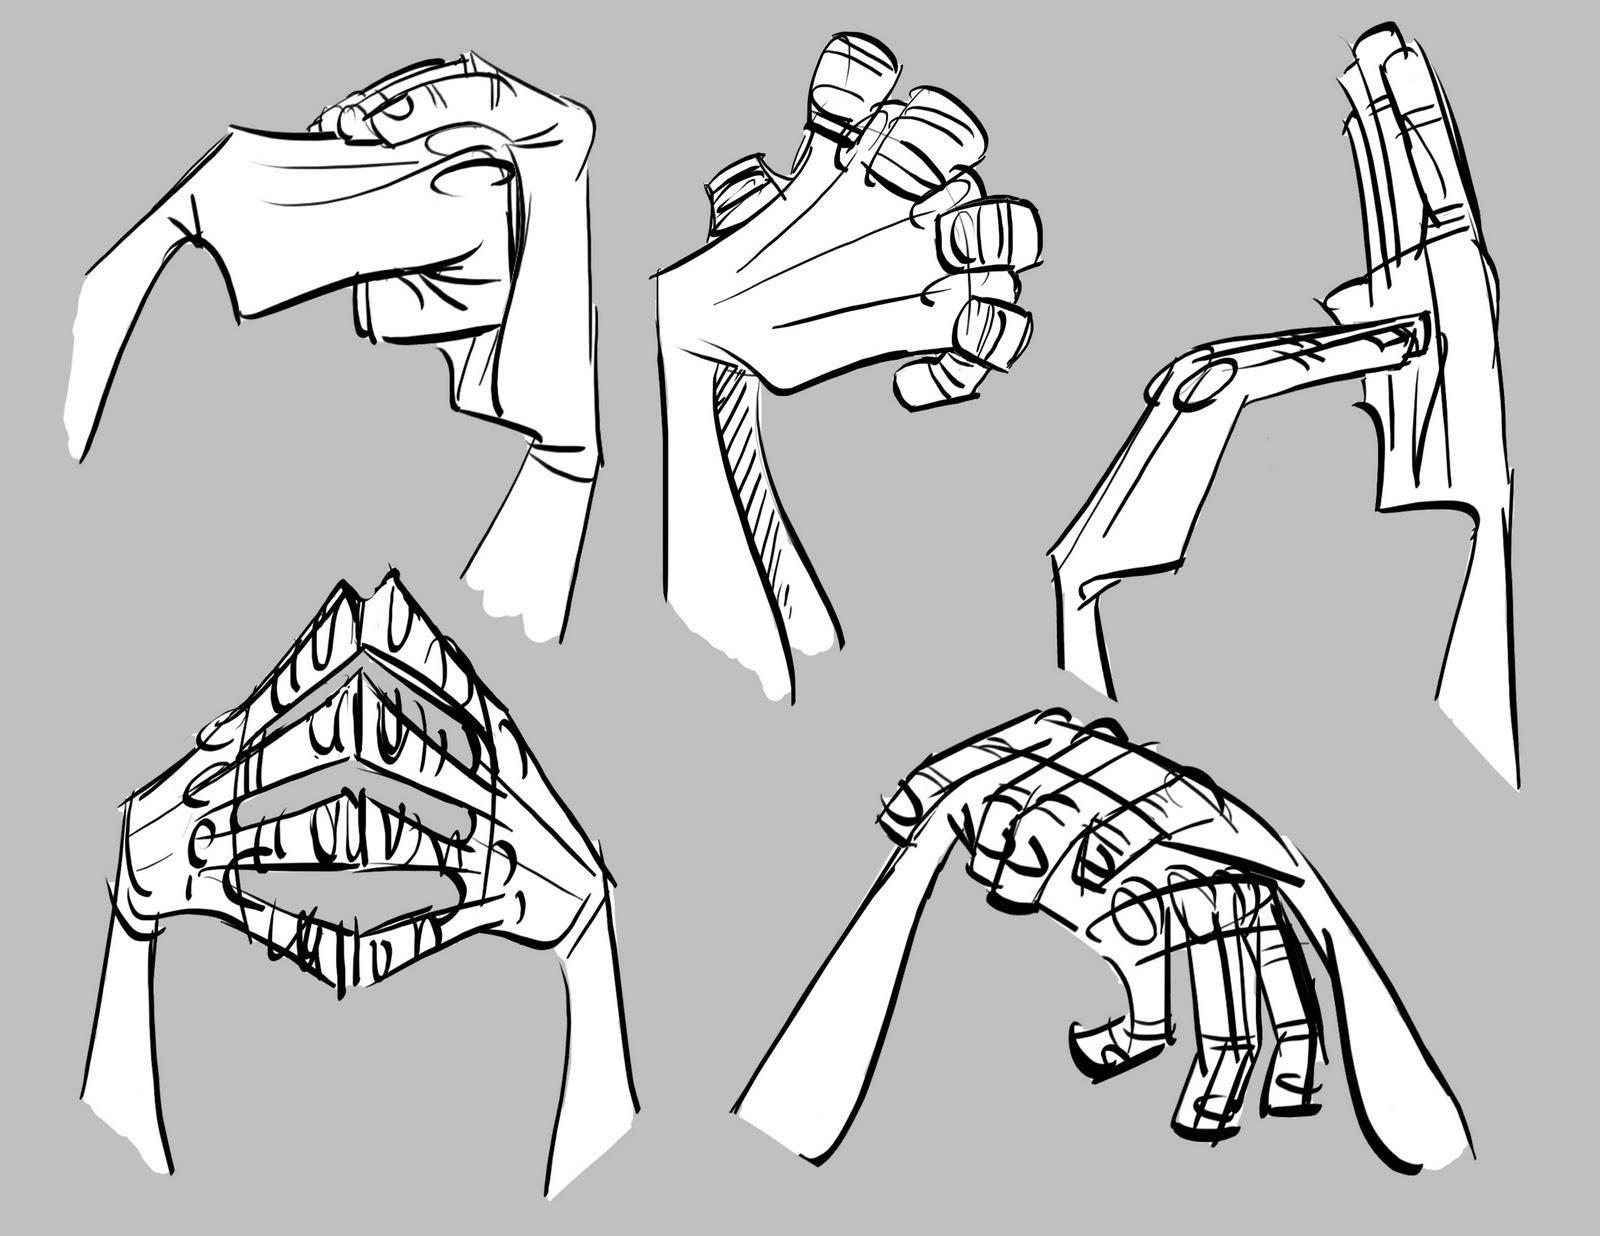 Dibujar las manos juntas, agrupadas, interactuando entre sí